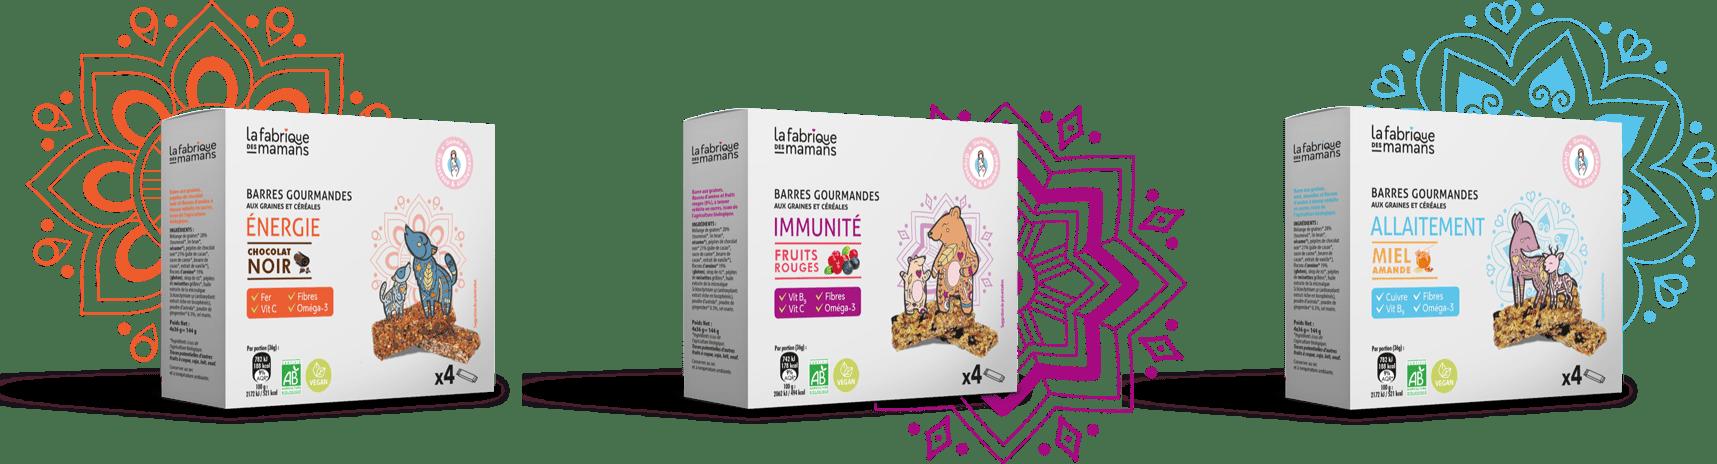 produits min - Des encas sains et gourmands pendant la grossesse avec La Fabrique des Mamans